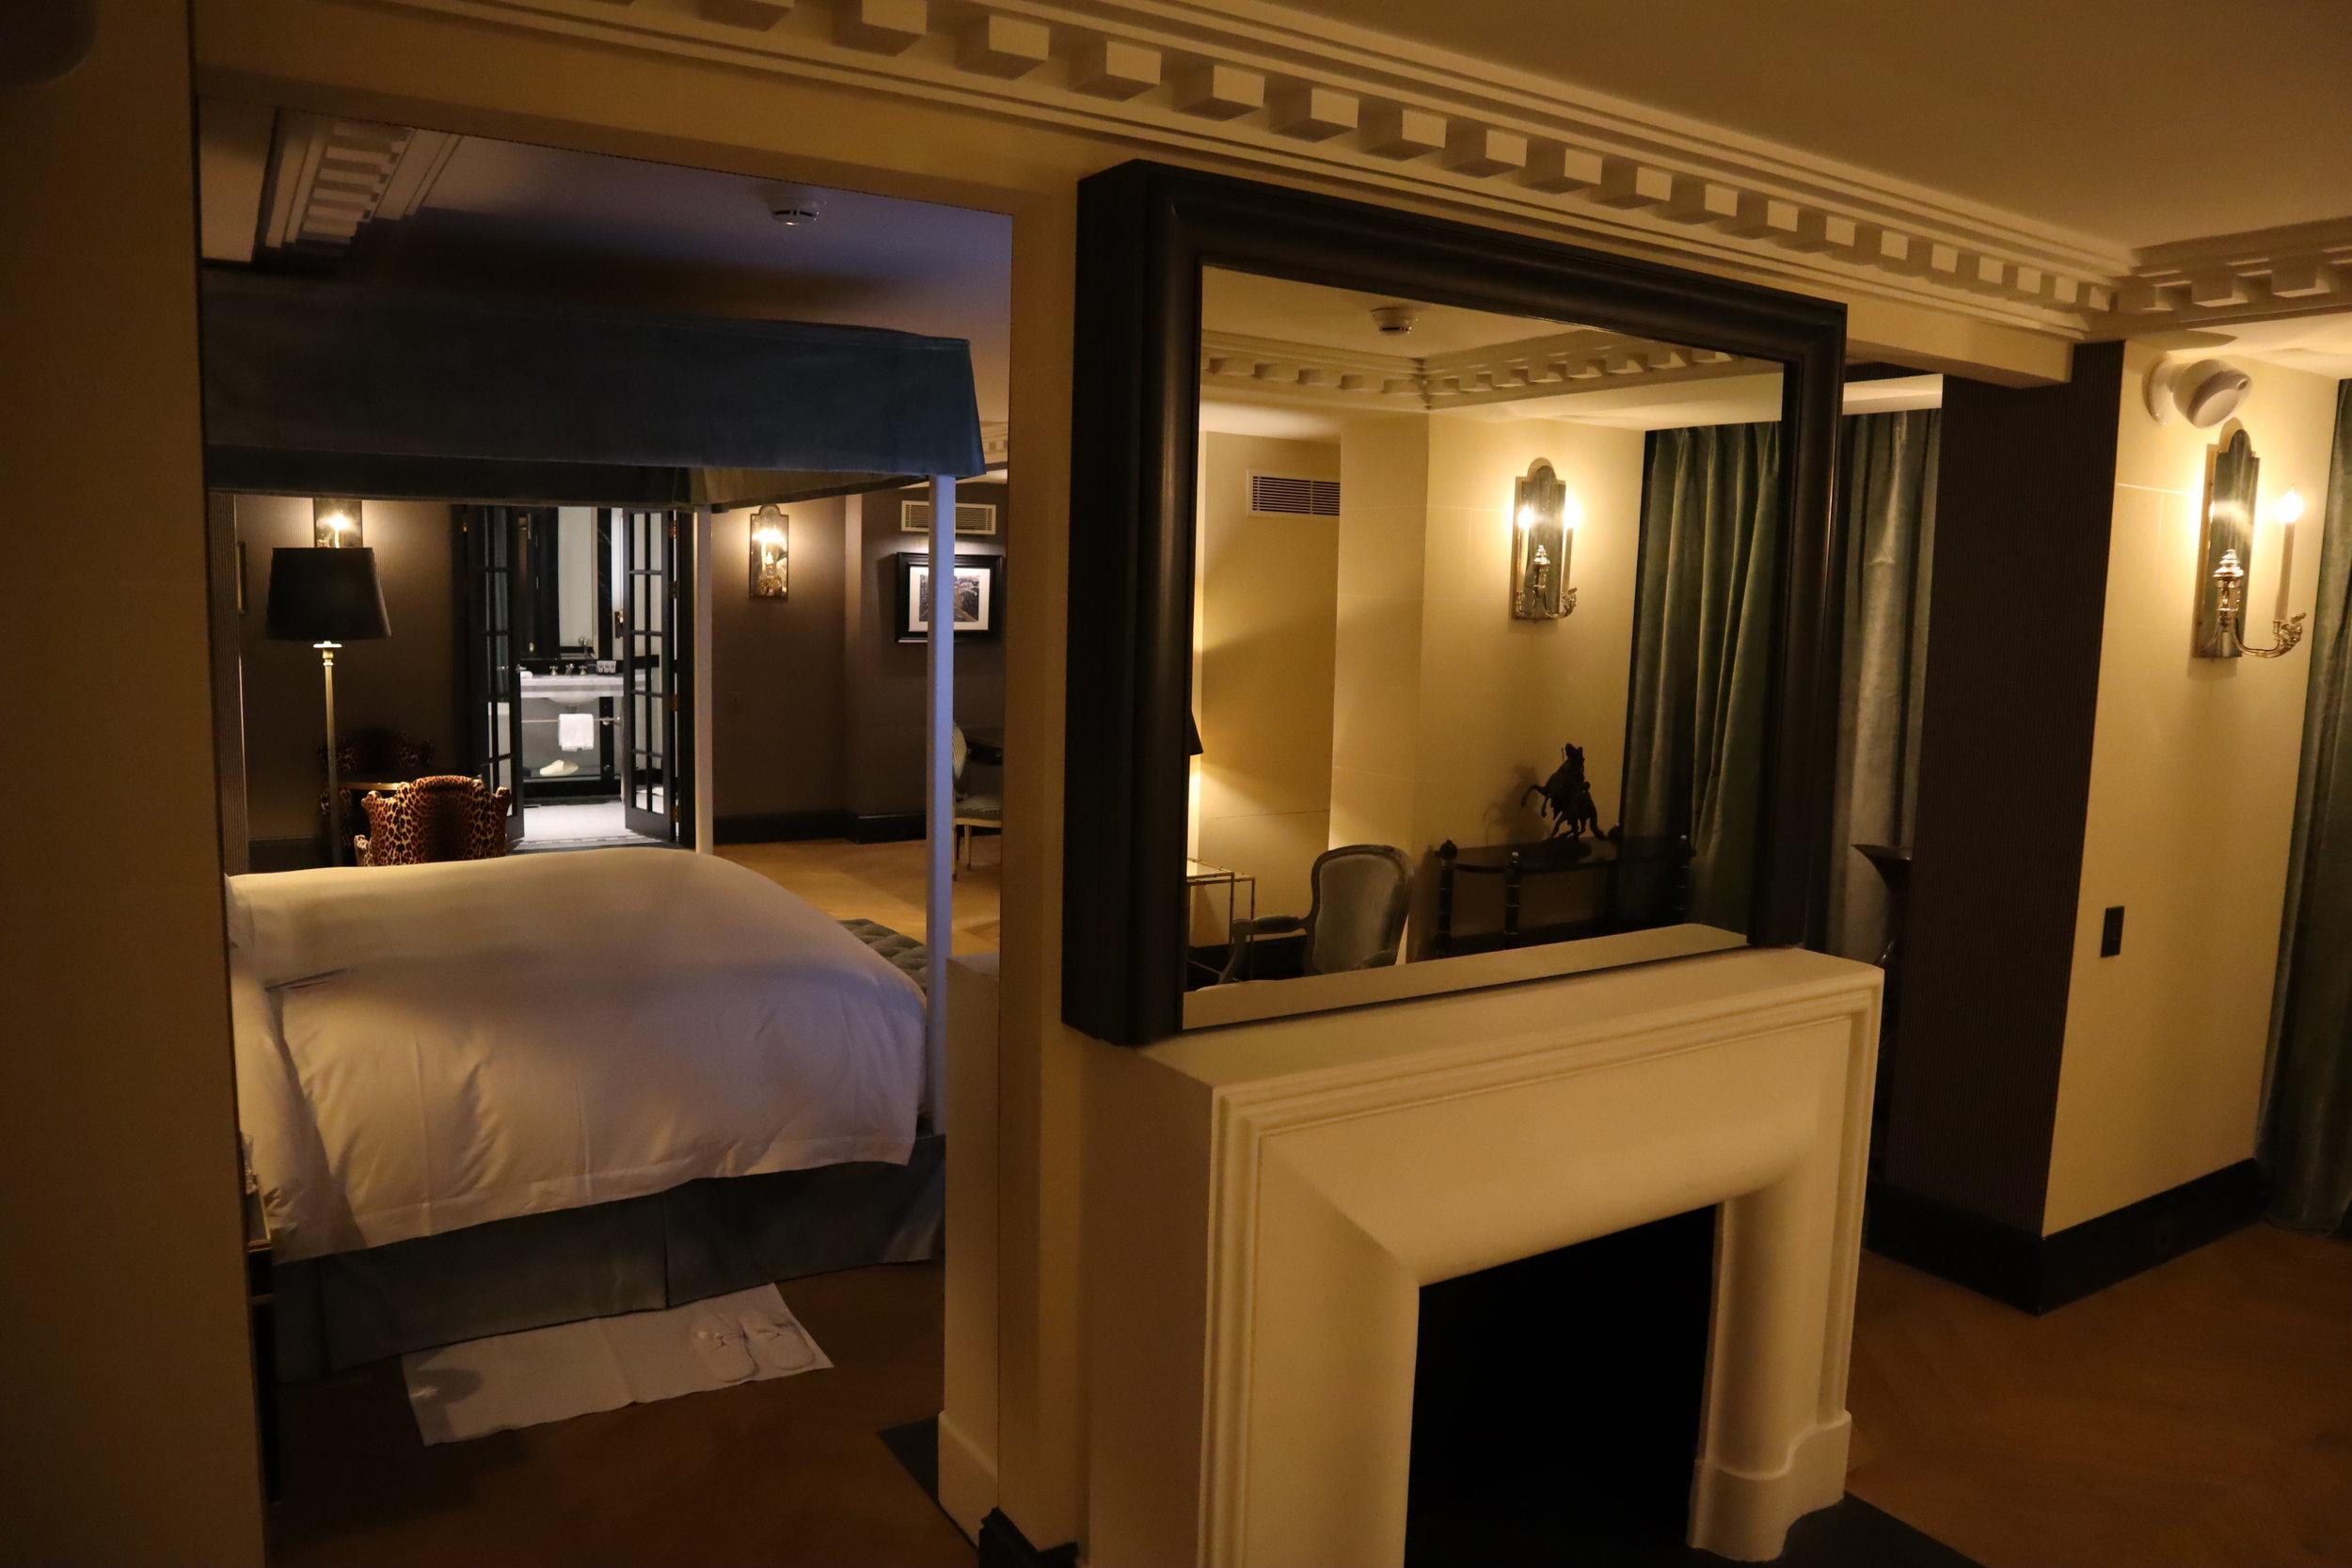 Hôtel de Berri Paris – Berri Suite mirror